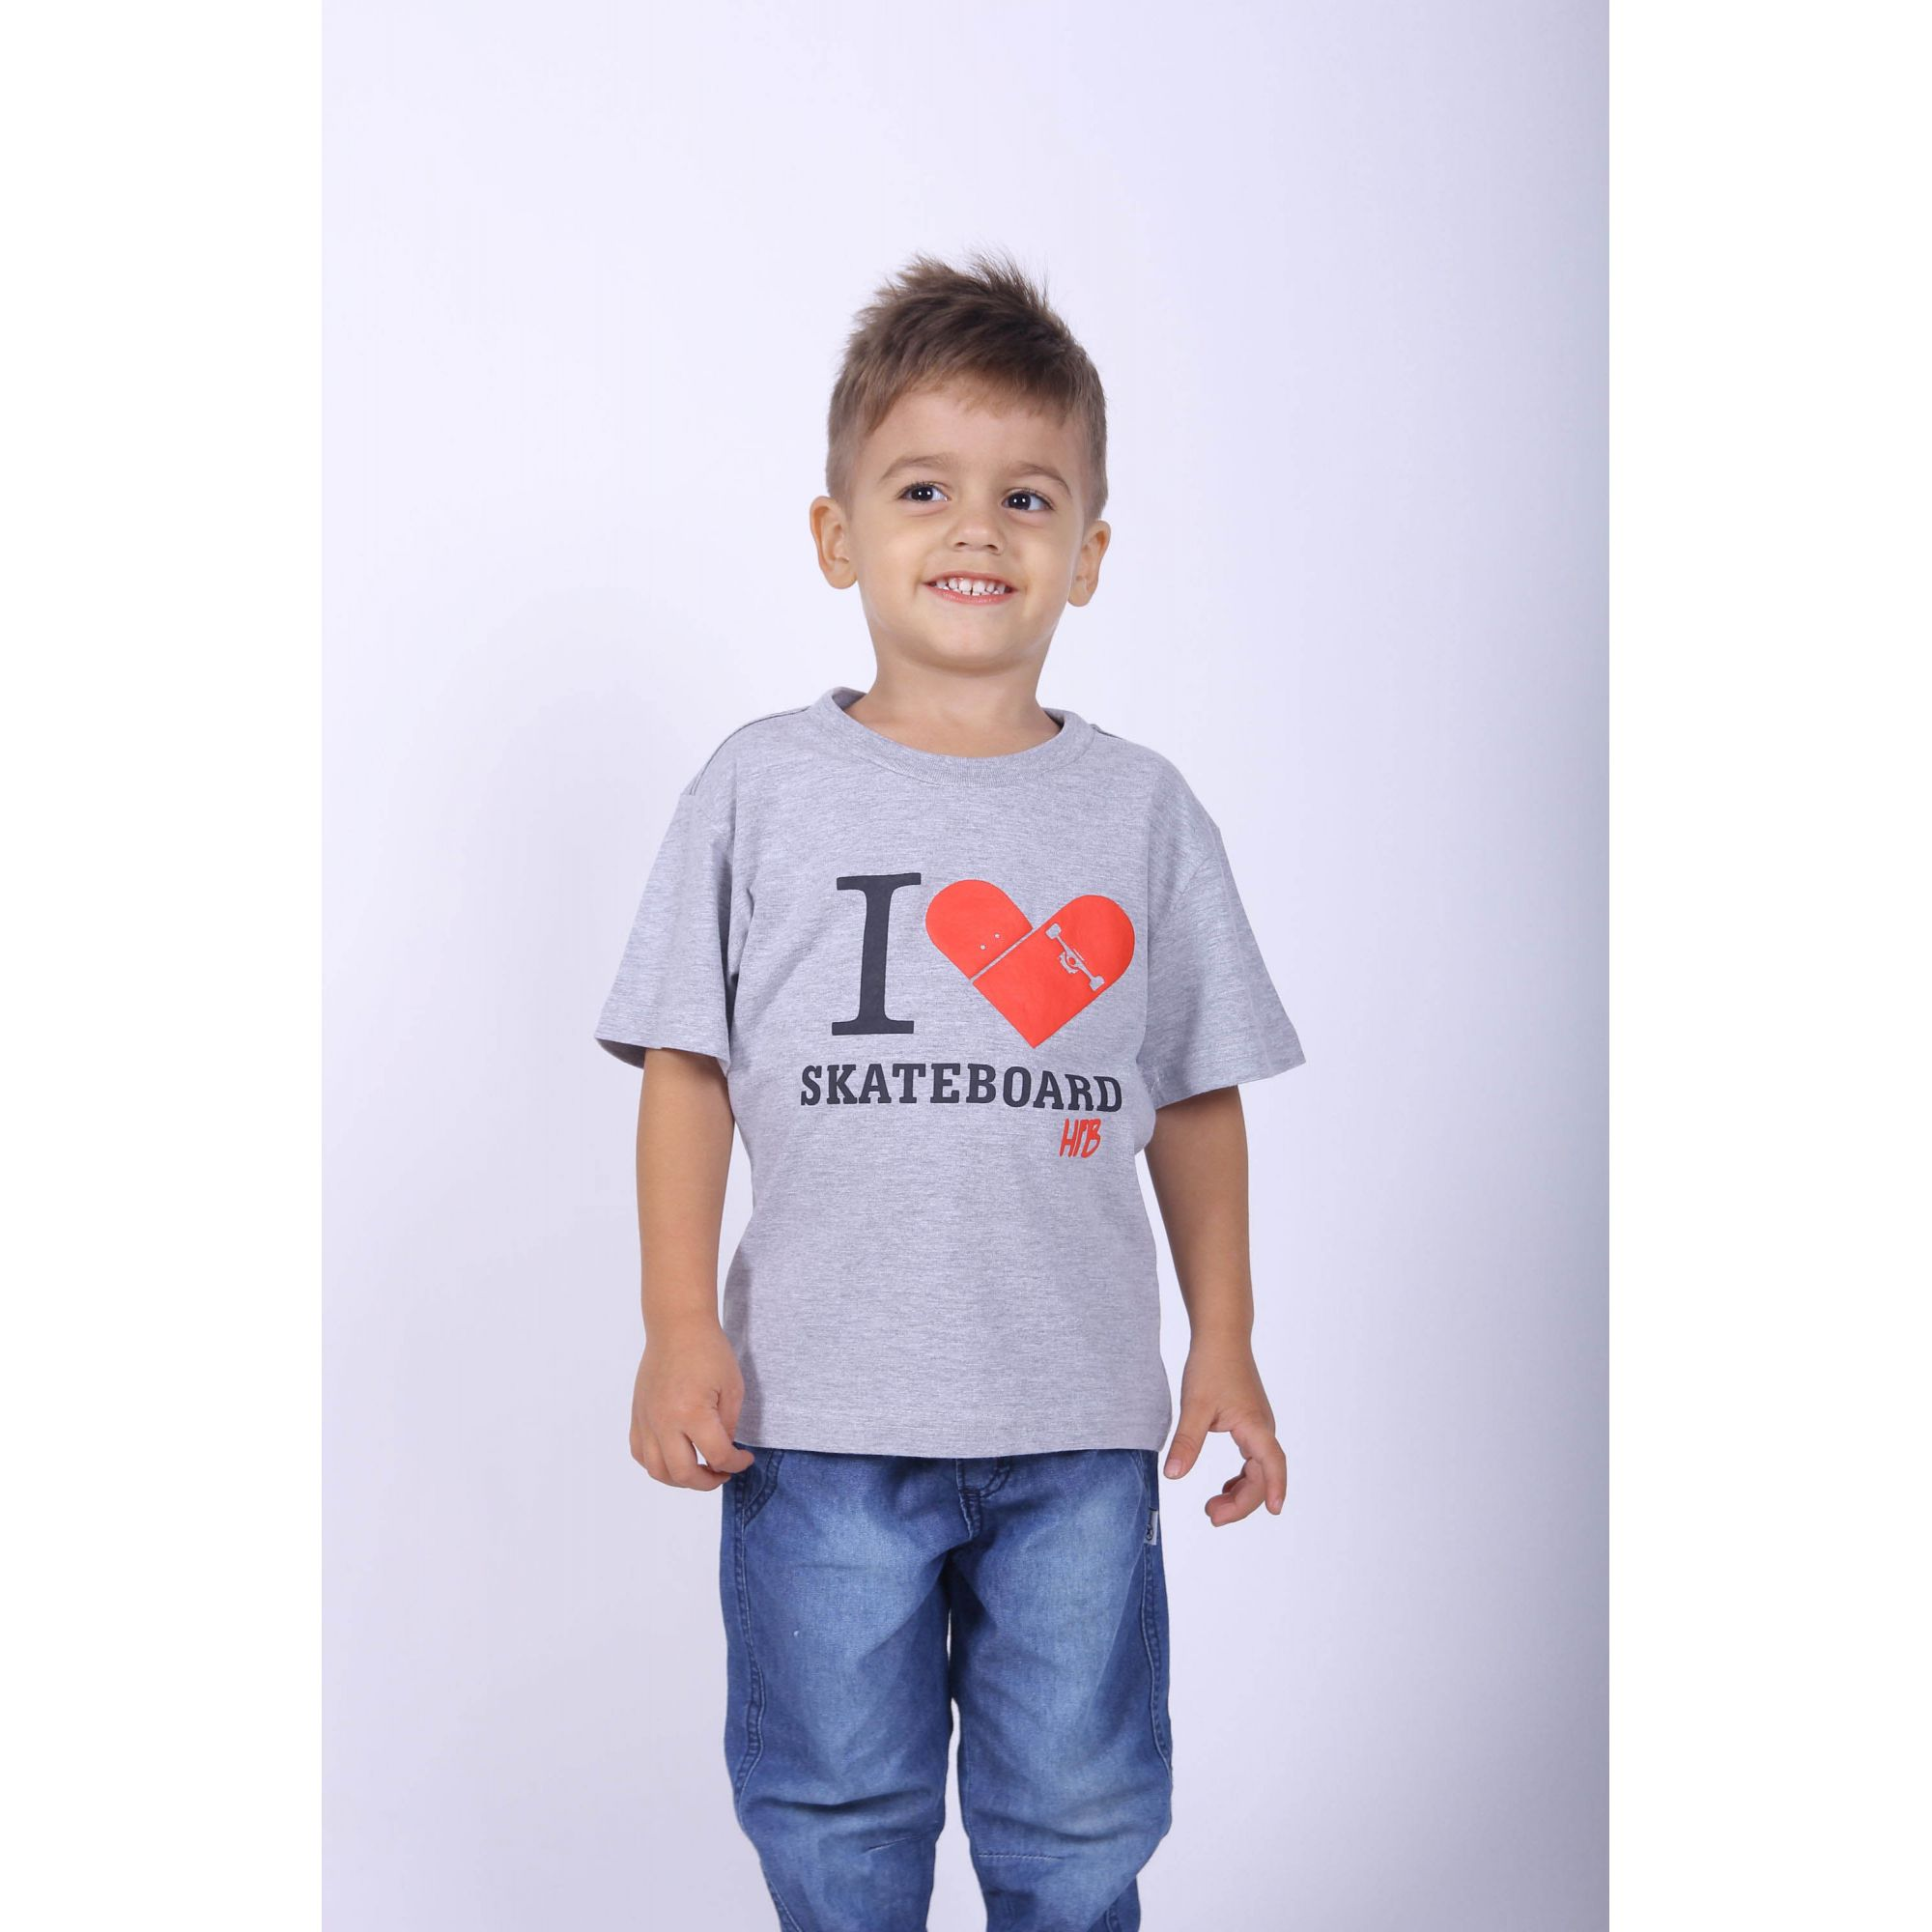 PAI E FILHO > 02 Camisetas I Love Skate [Coleção Tal Pai Tal Filho]  - Heitor Fashion Brazil